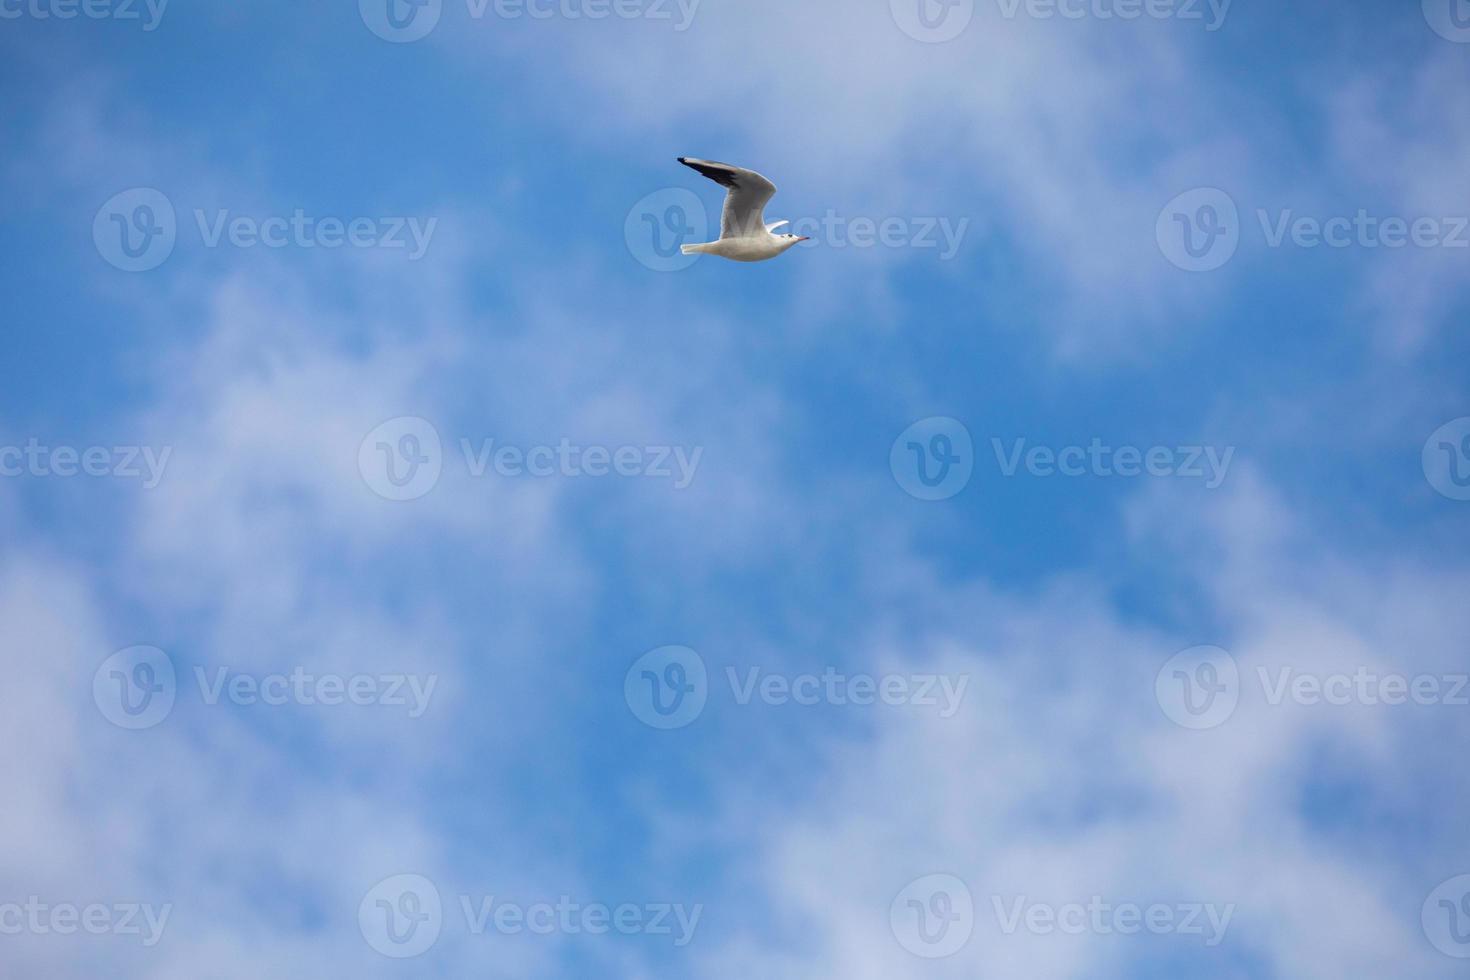 Vogel fliegende Möwe isolierten Himmel Symbol des Freiheitskonzepts. weiße Möwe am Himmel foto